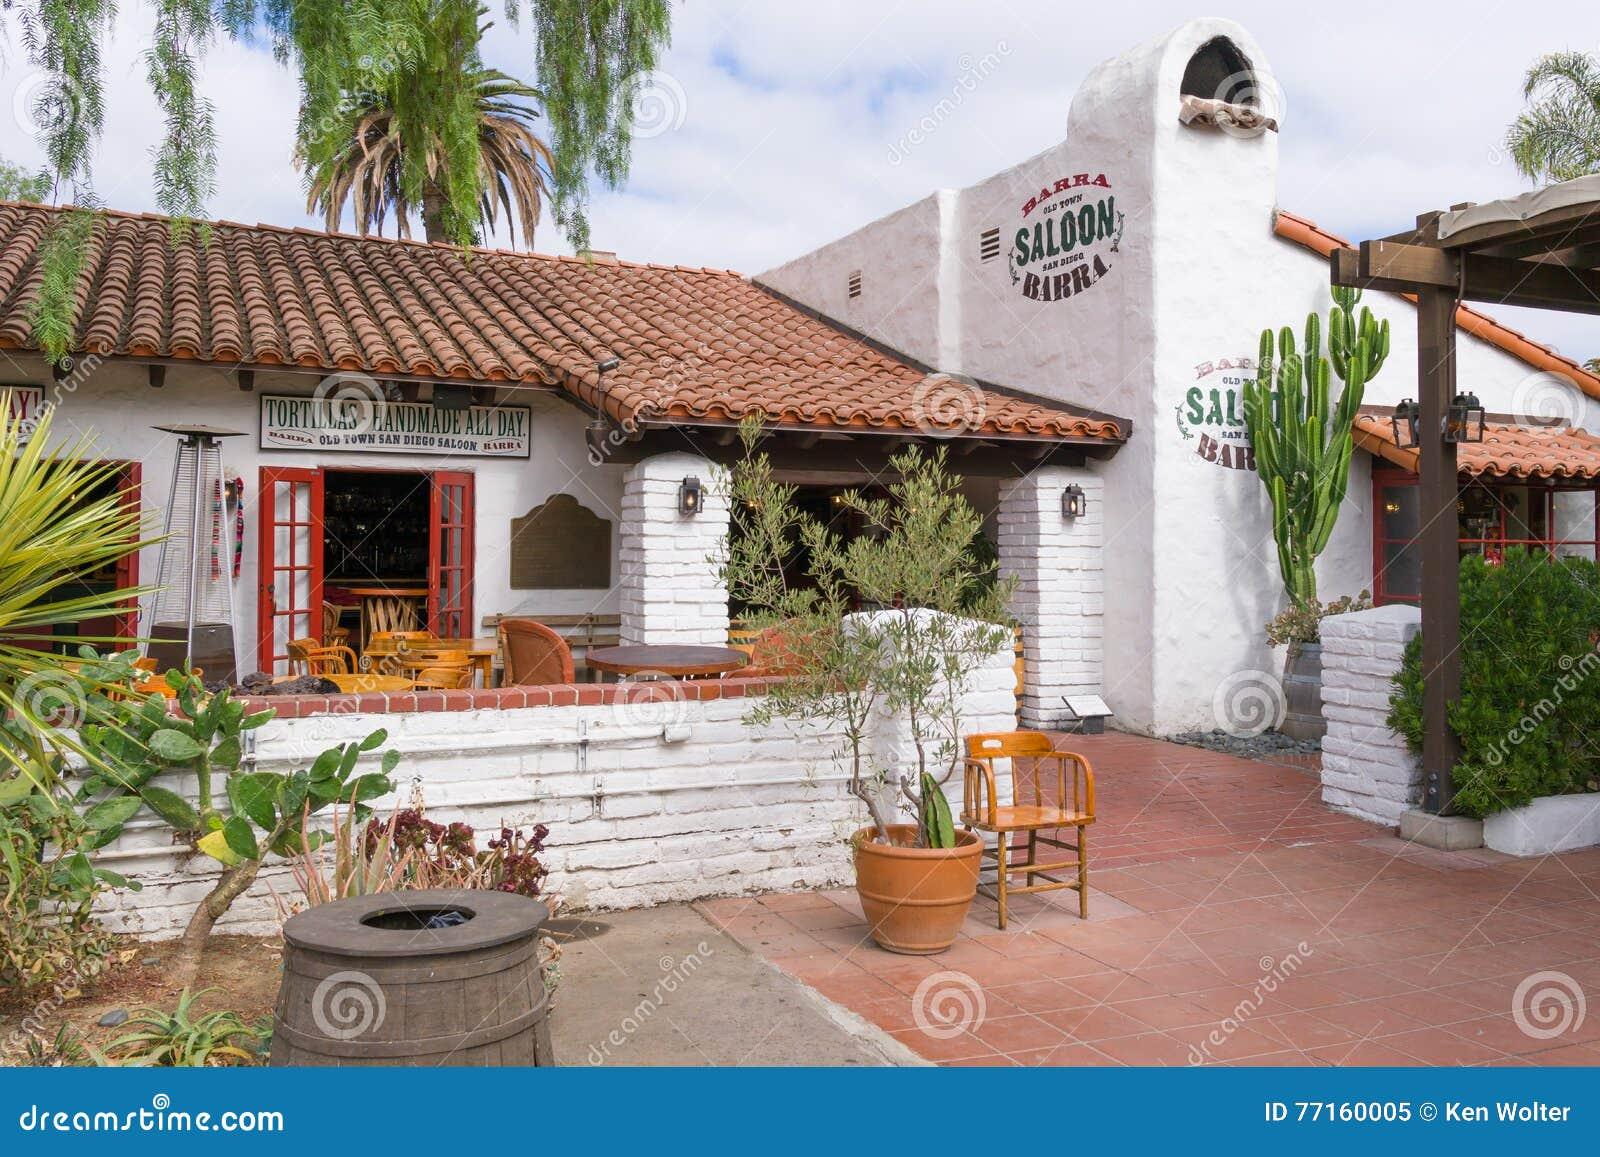 Barra Old Town Saloon à la vieille ville San Diego State Historic Park